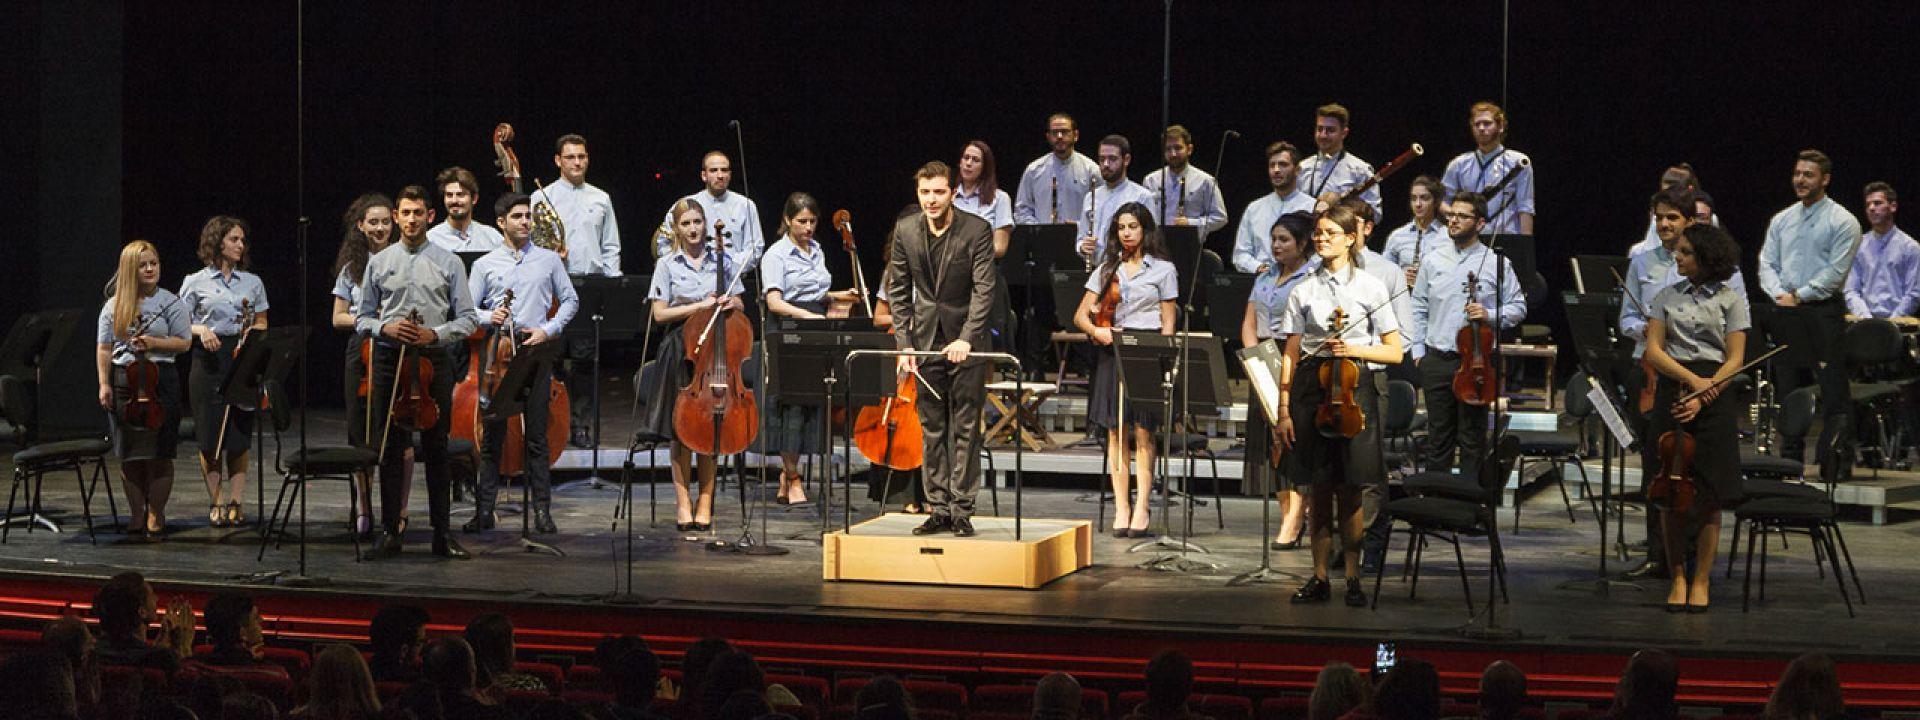 Φωτογραφία από την Ελληνική Συμφωνική Ορχήστρα Νέων